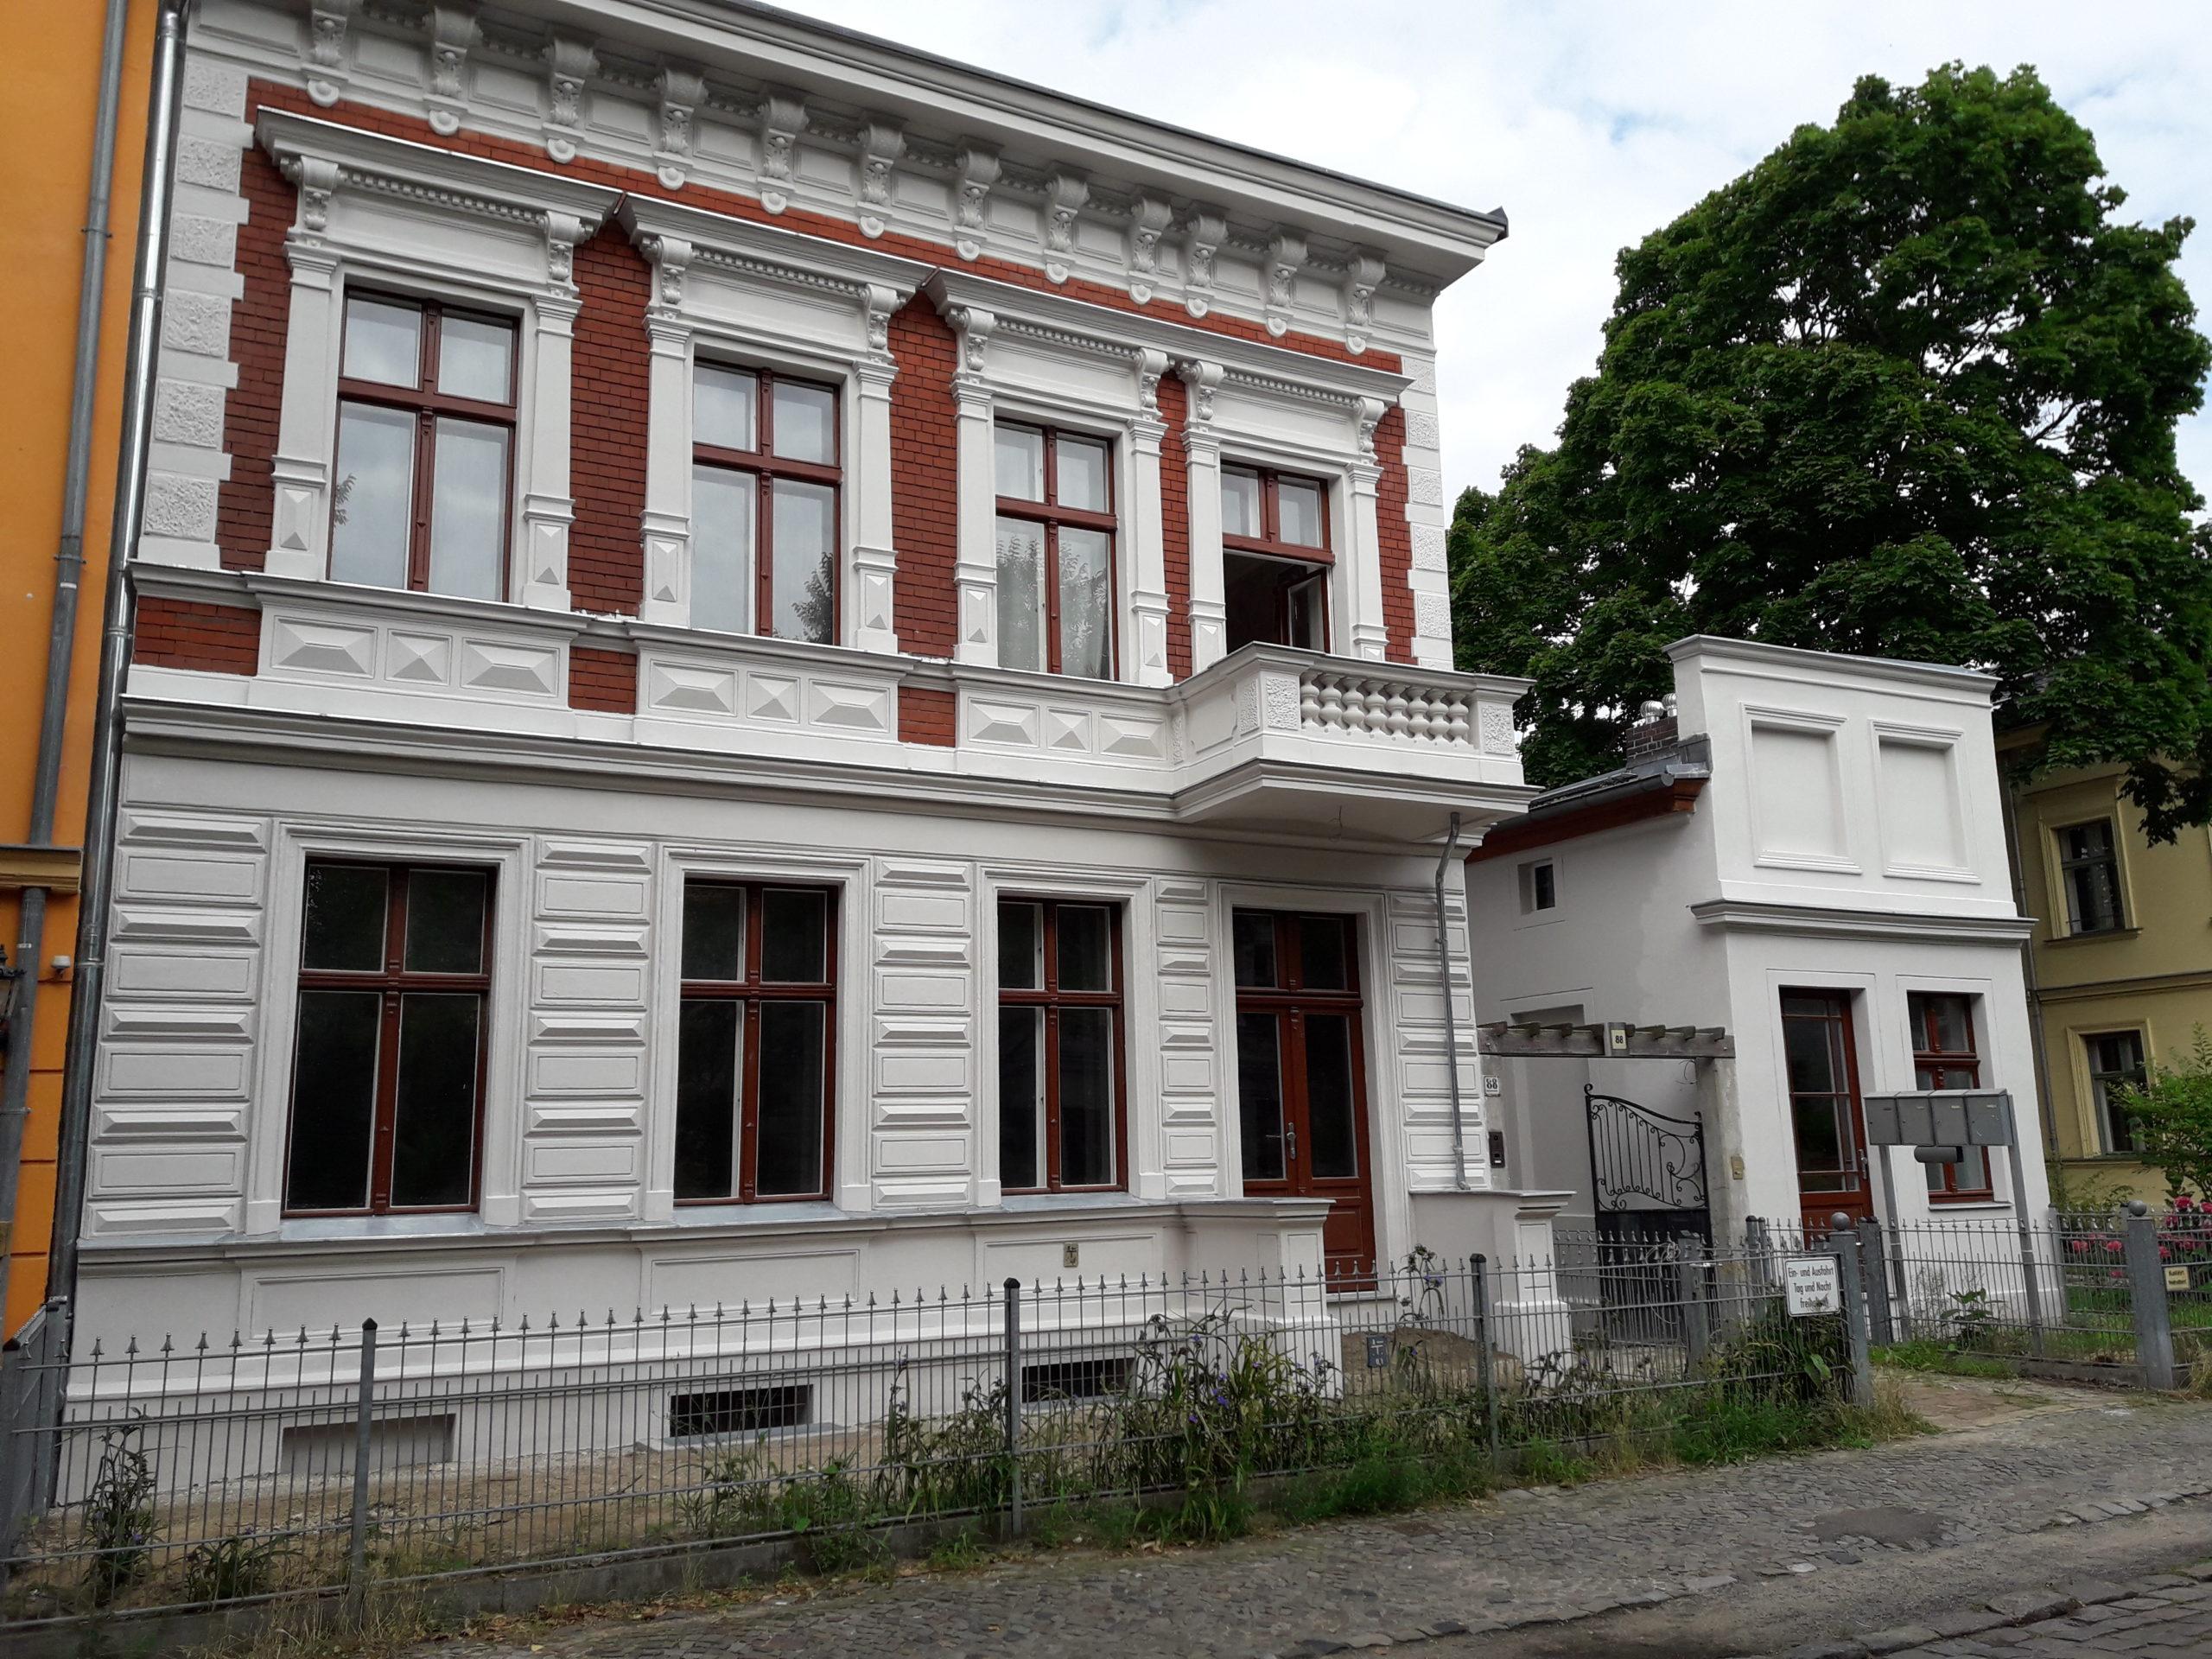 BV,Scharnweberstr.88 in 07.2021 Restauriert